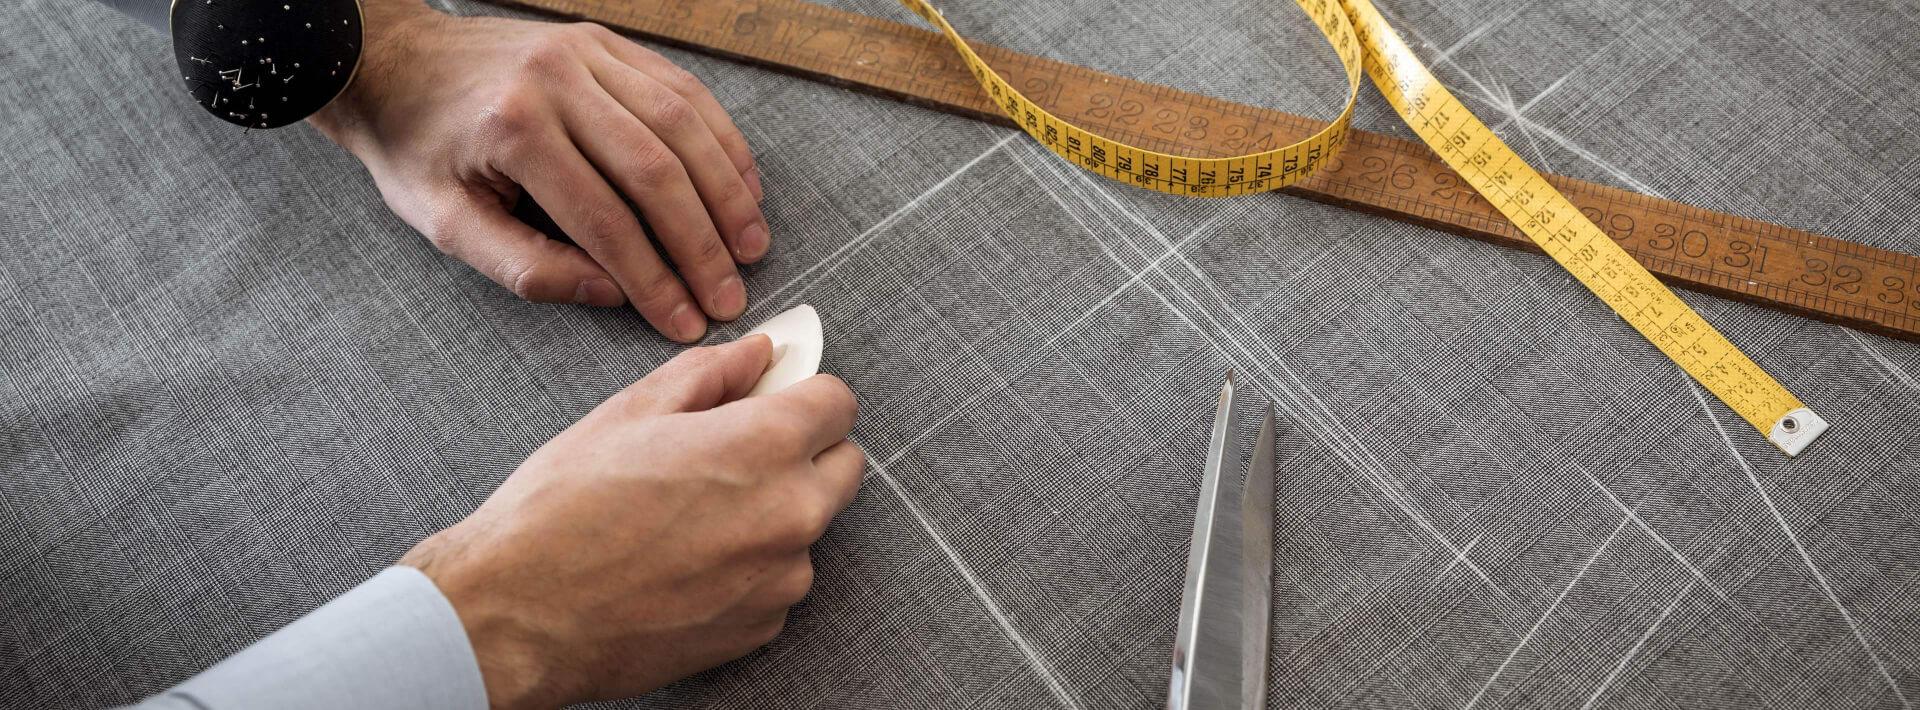 tailoring custom suit